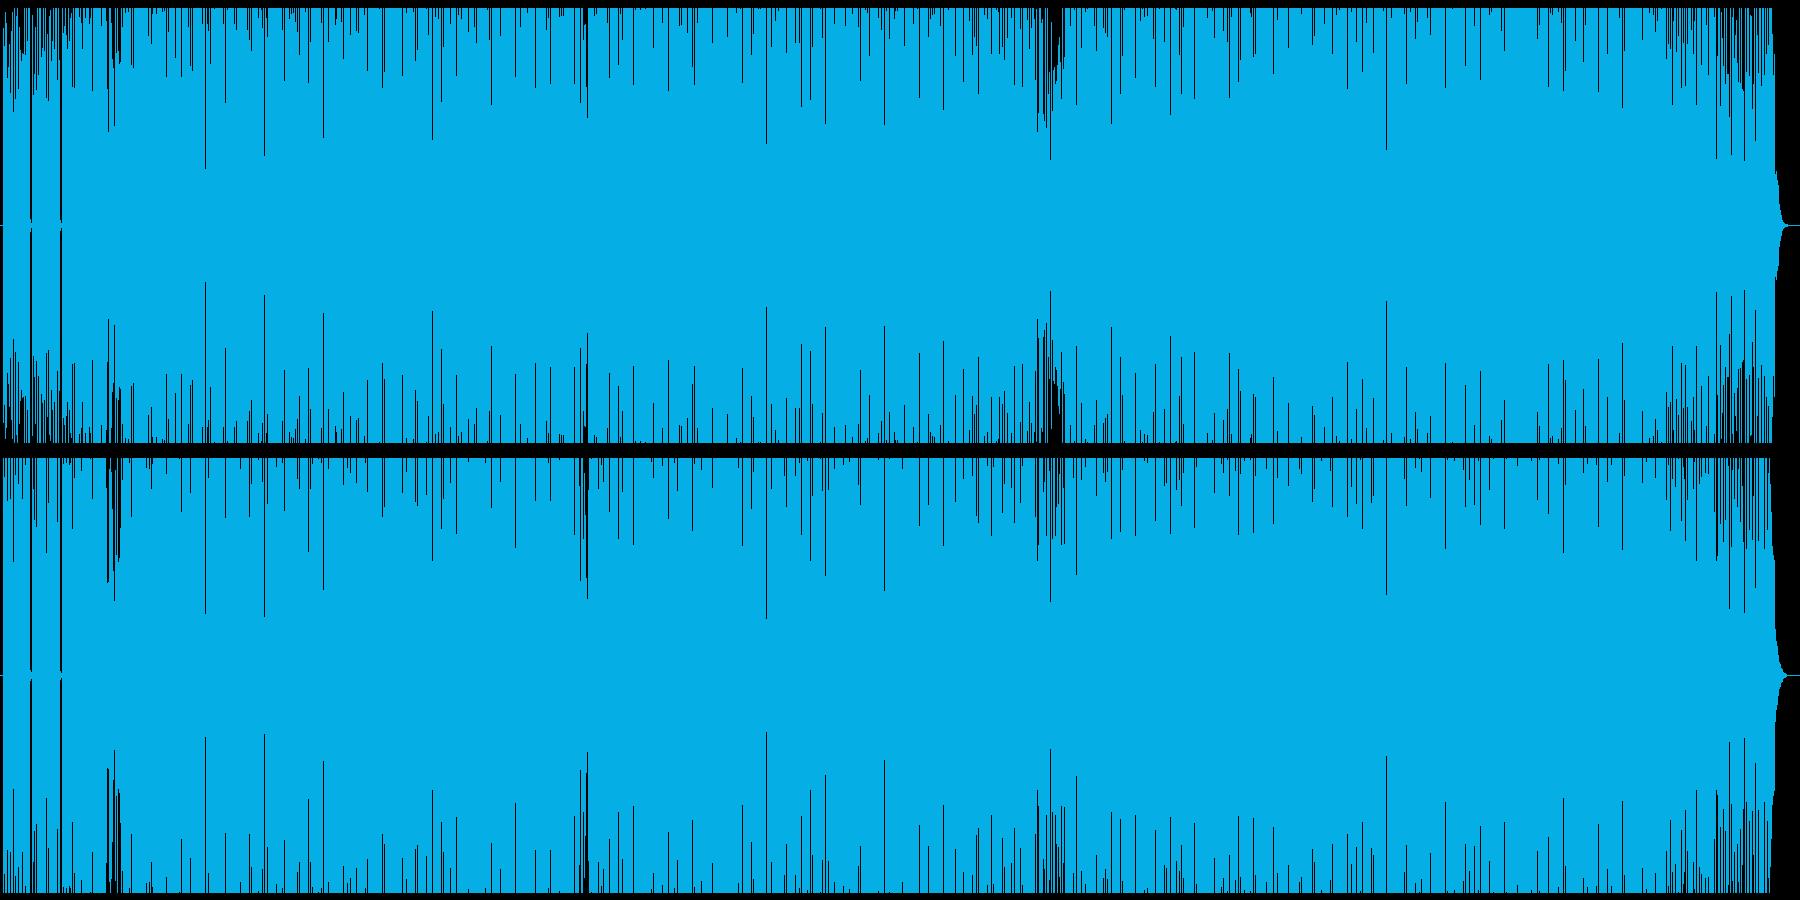 ファンキーでコミカルなポップス風BGMの再生済みの波形